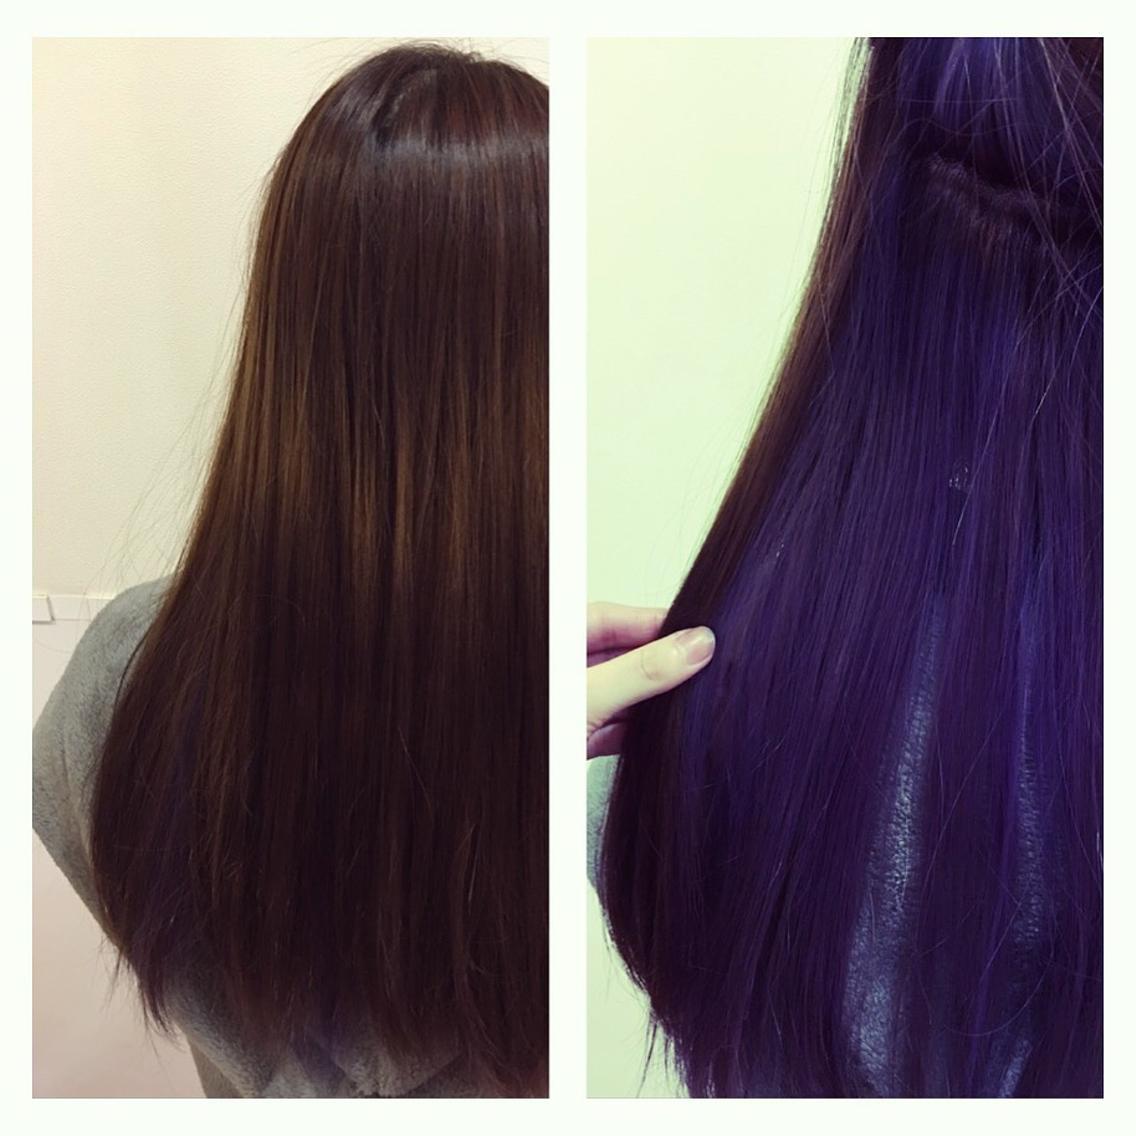 インナーカラー青紫\u0026ダークトーン